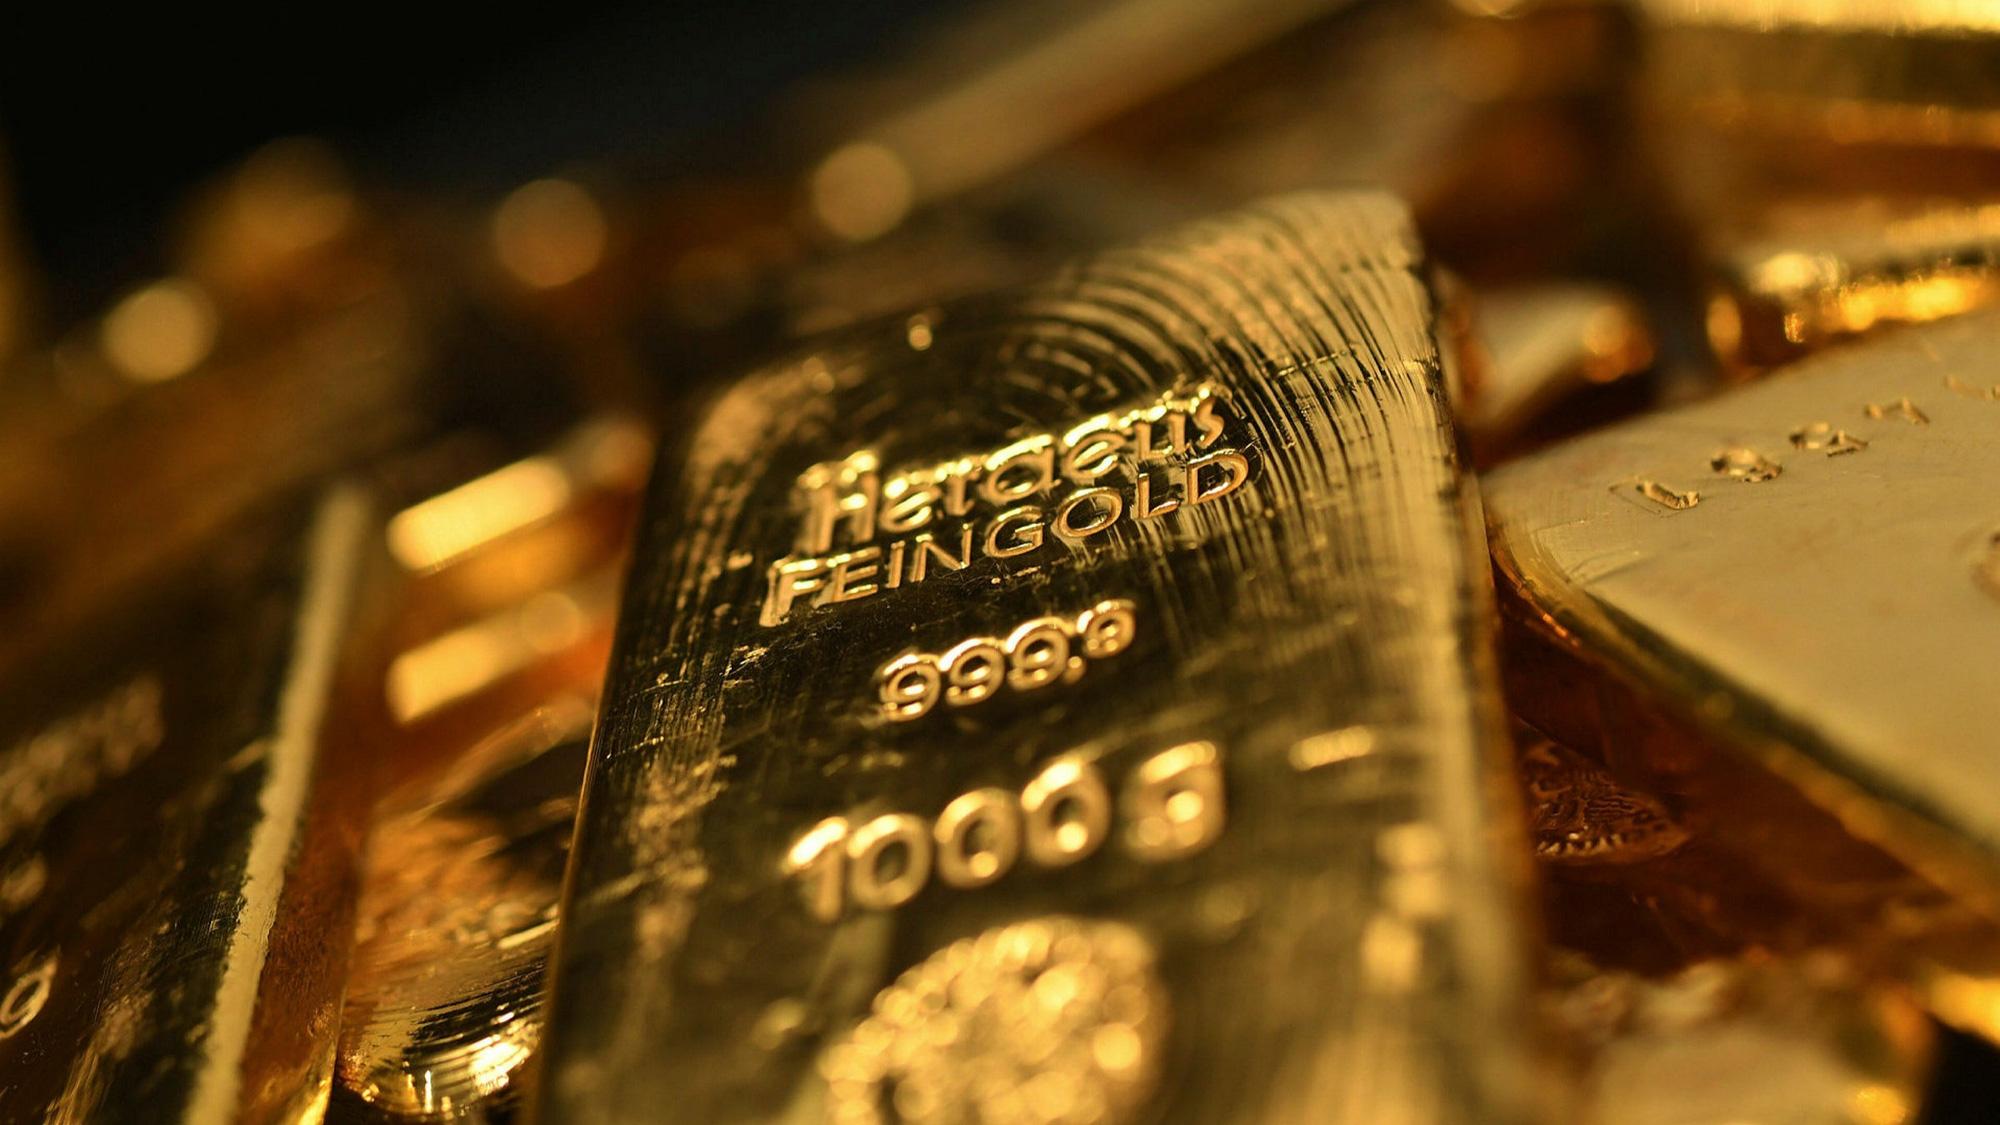 Giá vàng hôm nay 14/10: Tiếp tục điều chỉnh tăng tại một số cửa hàng kinh doanh - Ảnh 2.